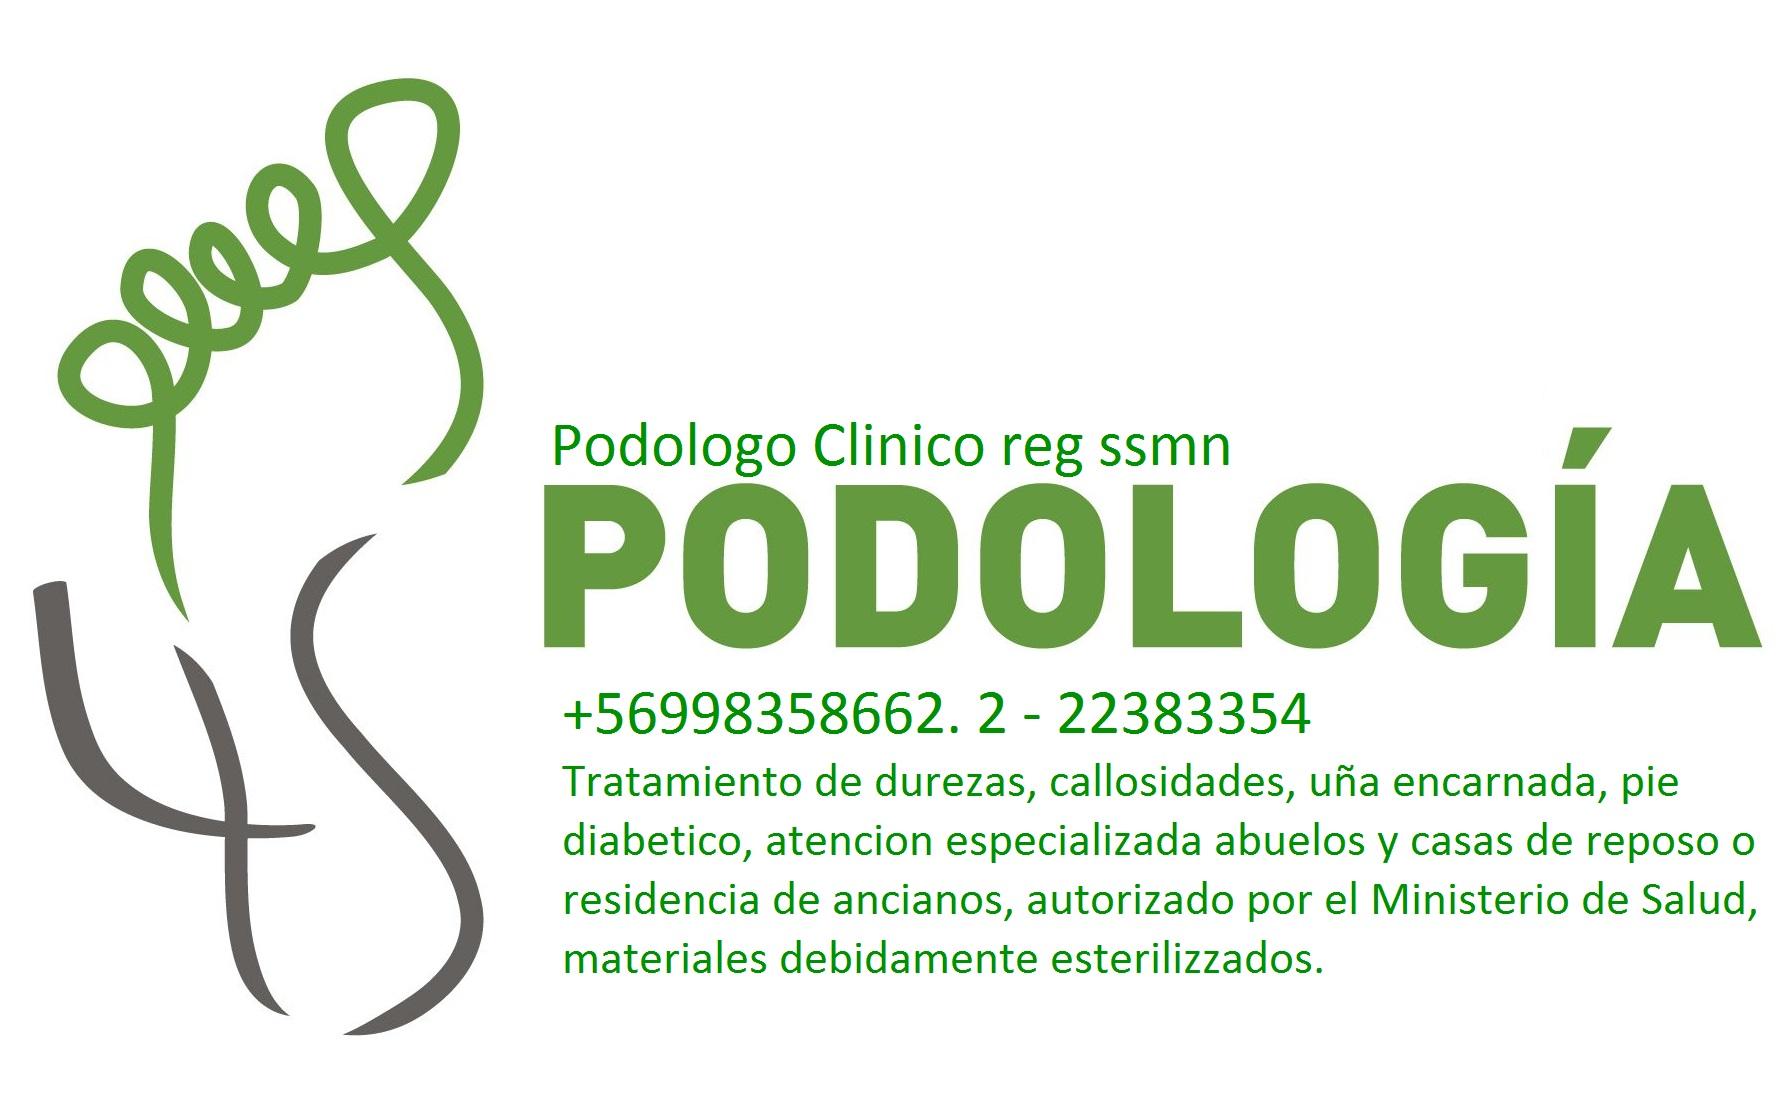 PODOLOGIA CLINICA +569 98358662. - 222383354